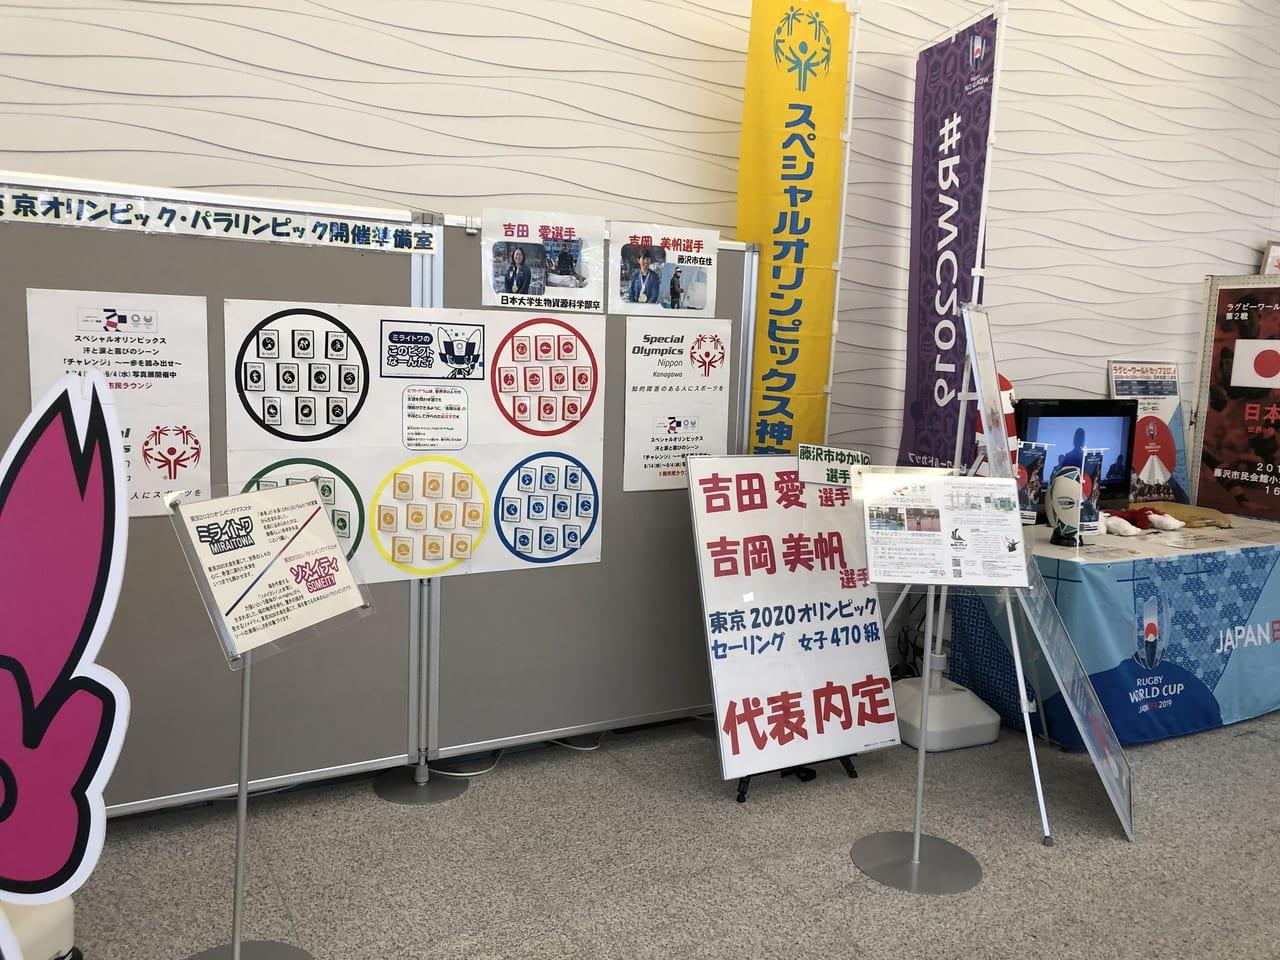 藤沢市役所内のオリンピック応援パネル2